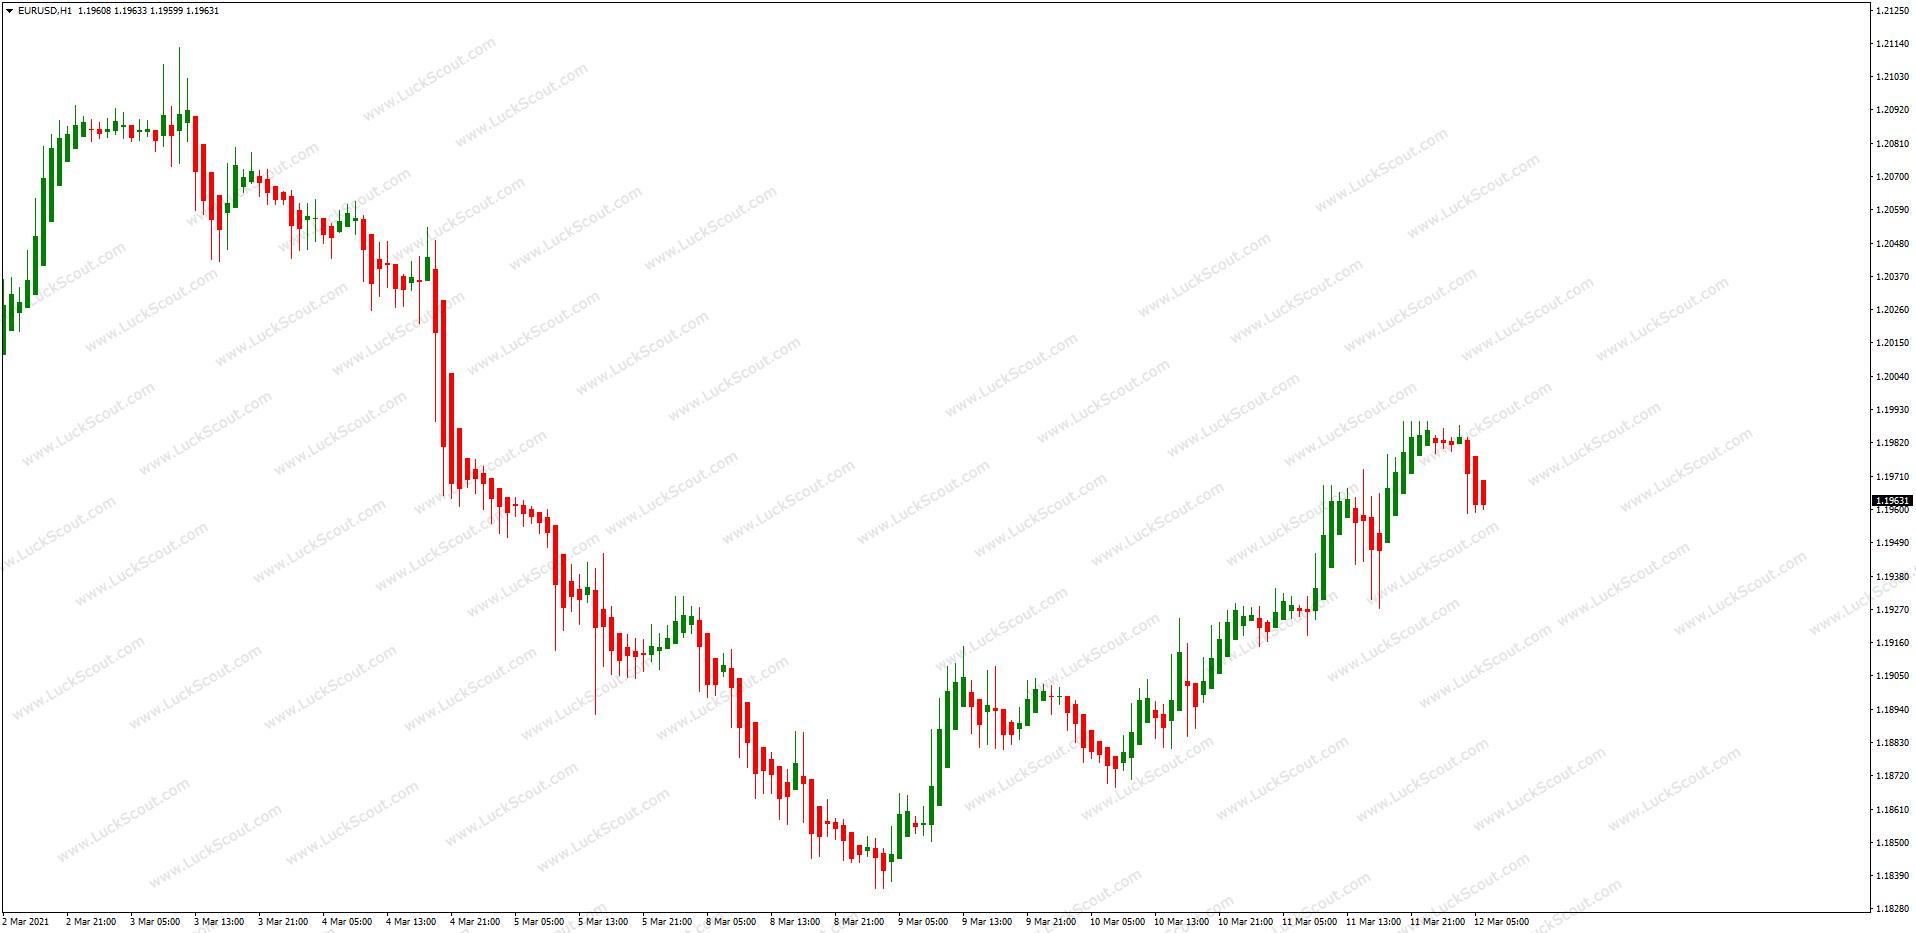 Trading Heikin-Ashi on MT4